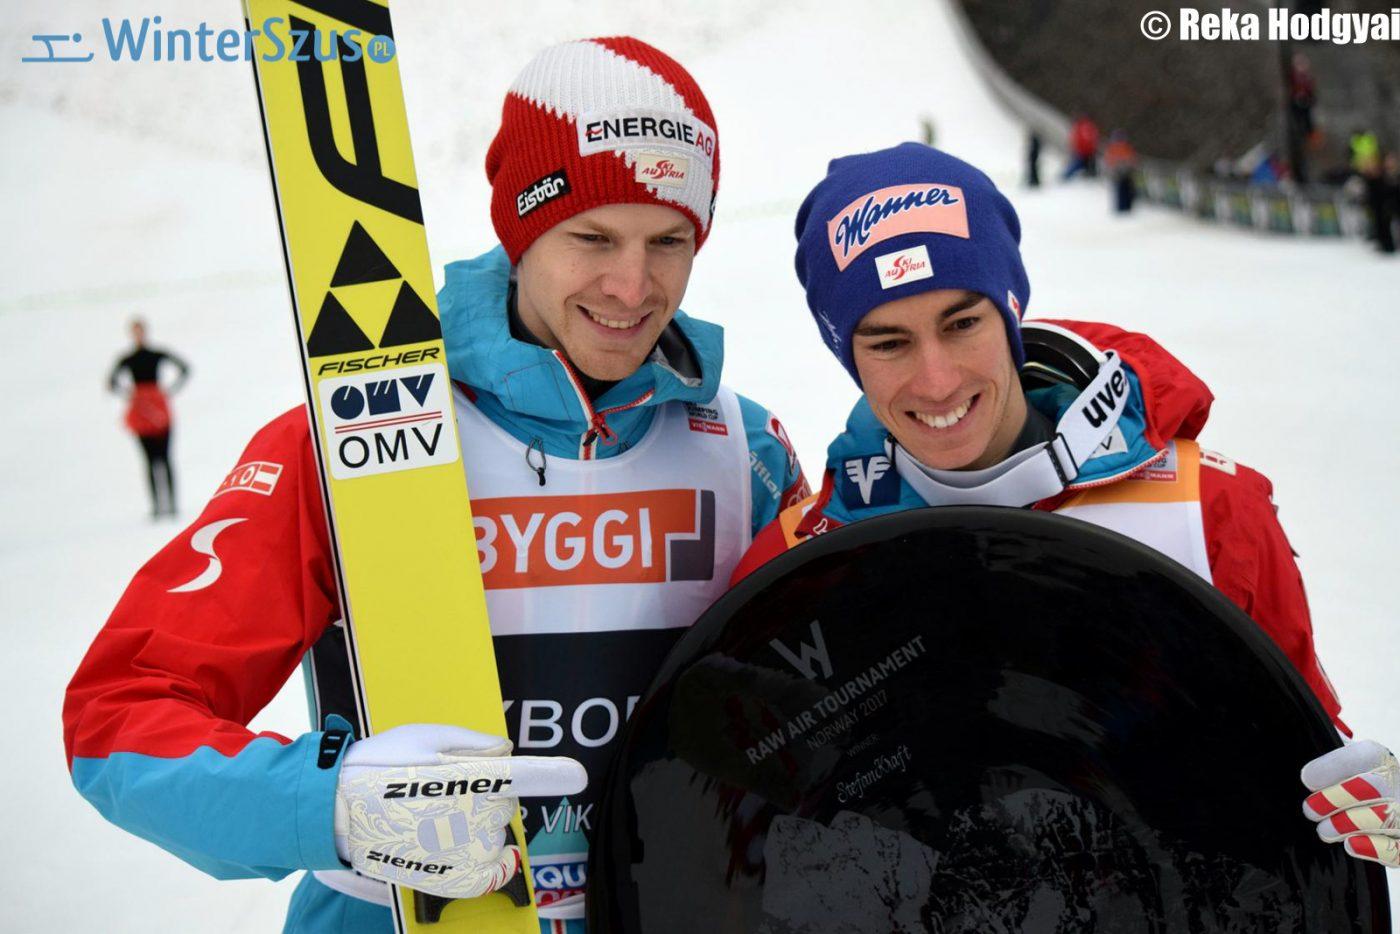 Michael Hayböck, Stefan Kraft